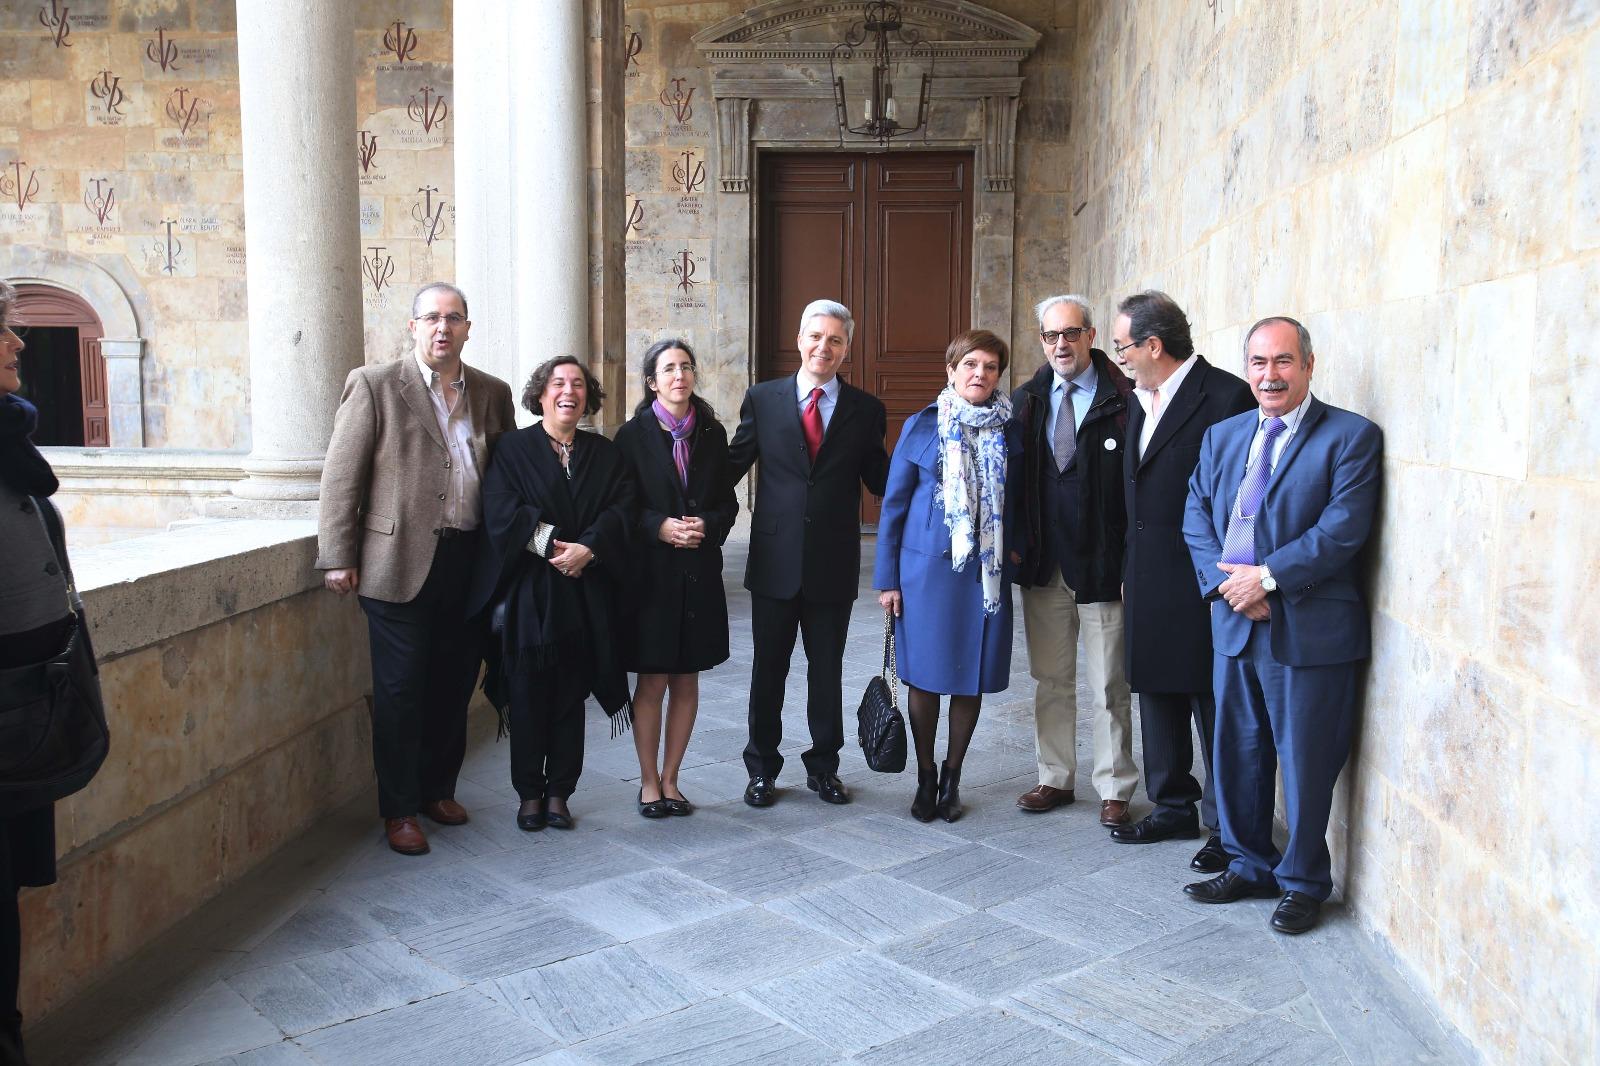 La Facultad de Filología homenajea por su jubilación a los catedráticos de Griego José Antonio Fernández Delgado y Francisca Pordomingo